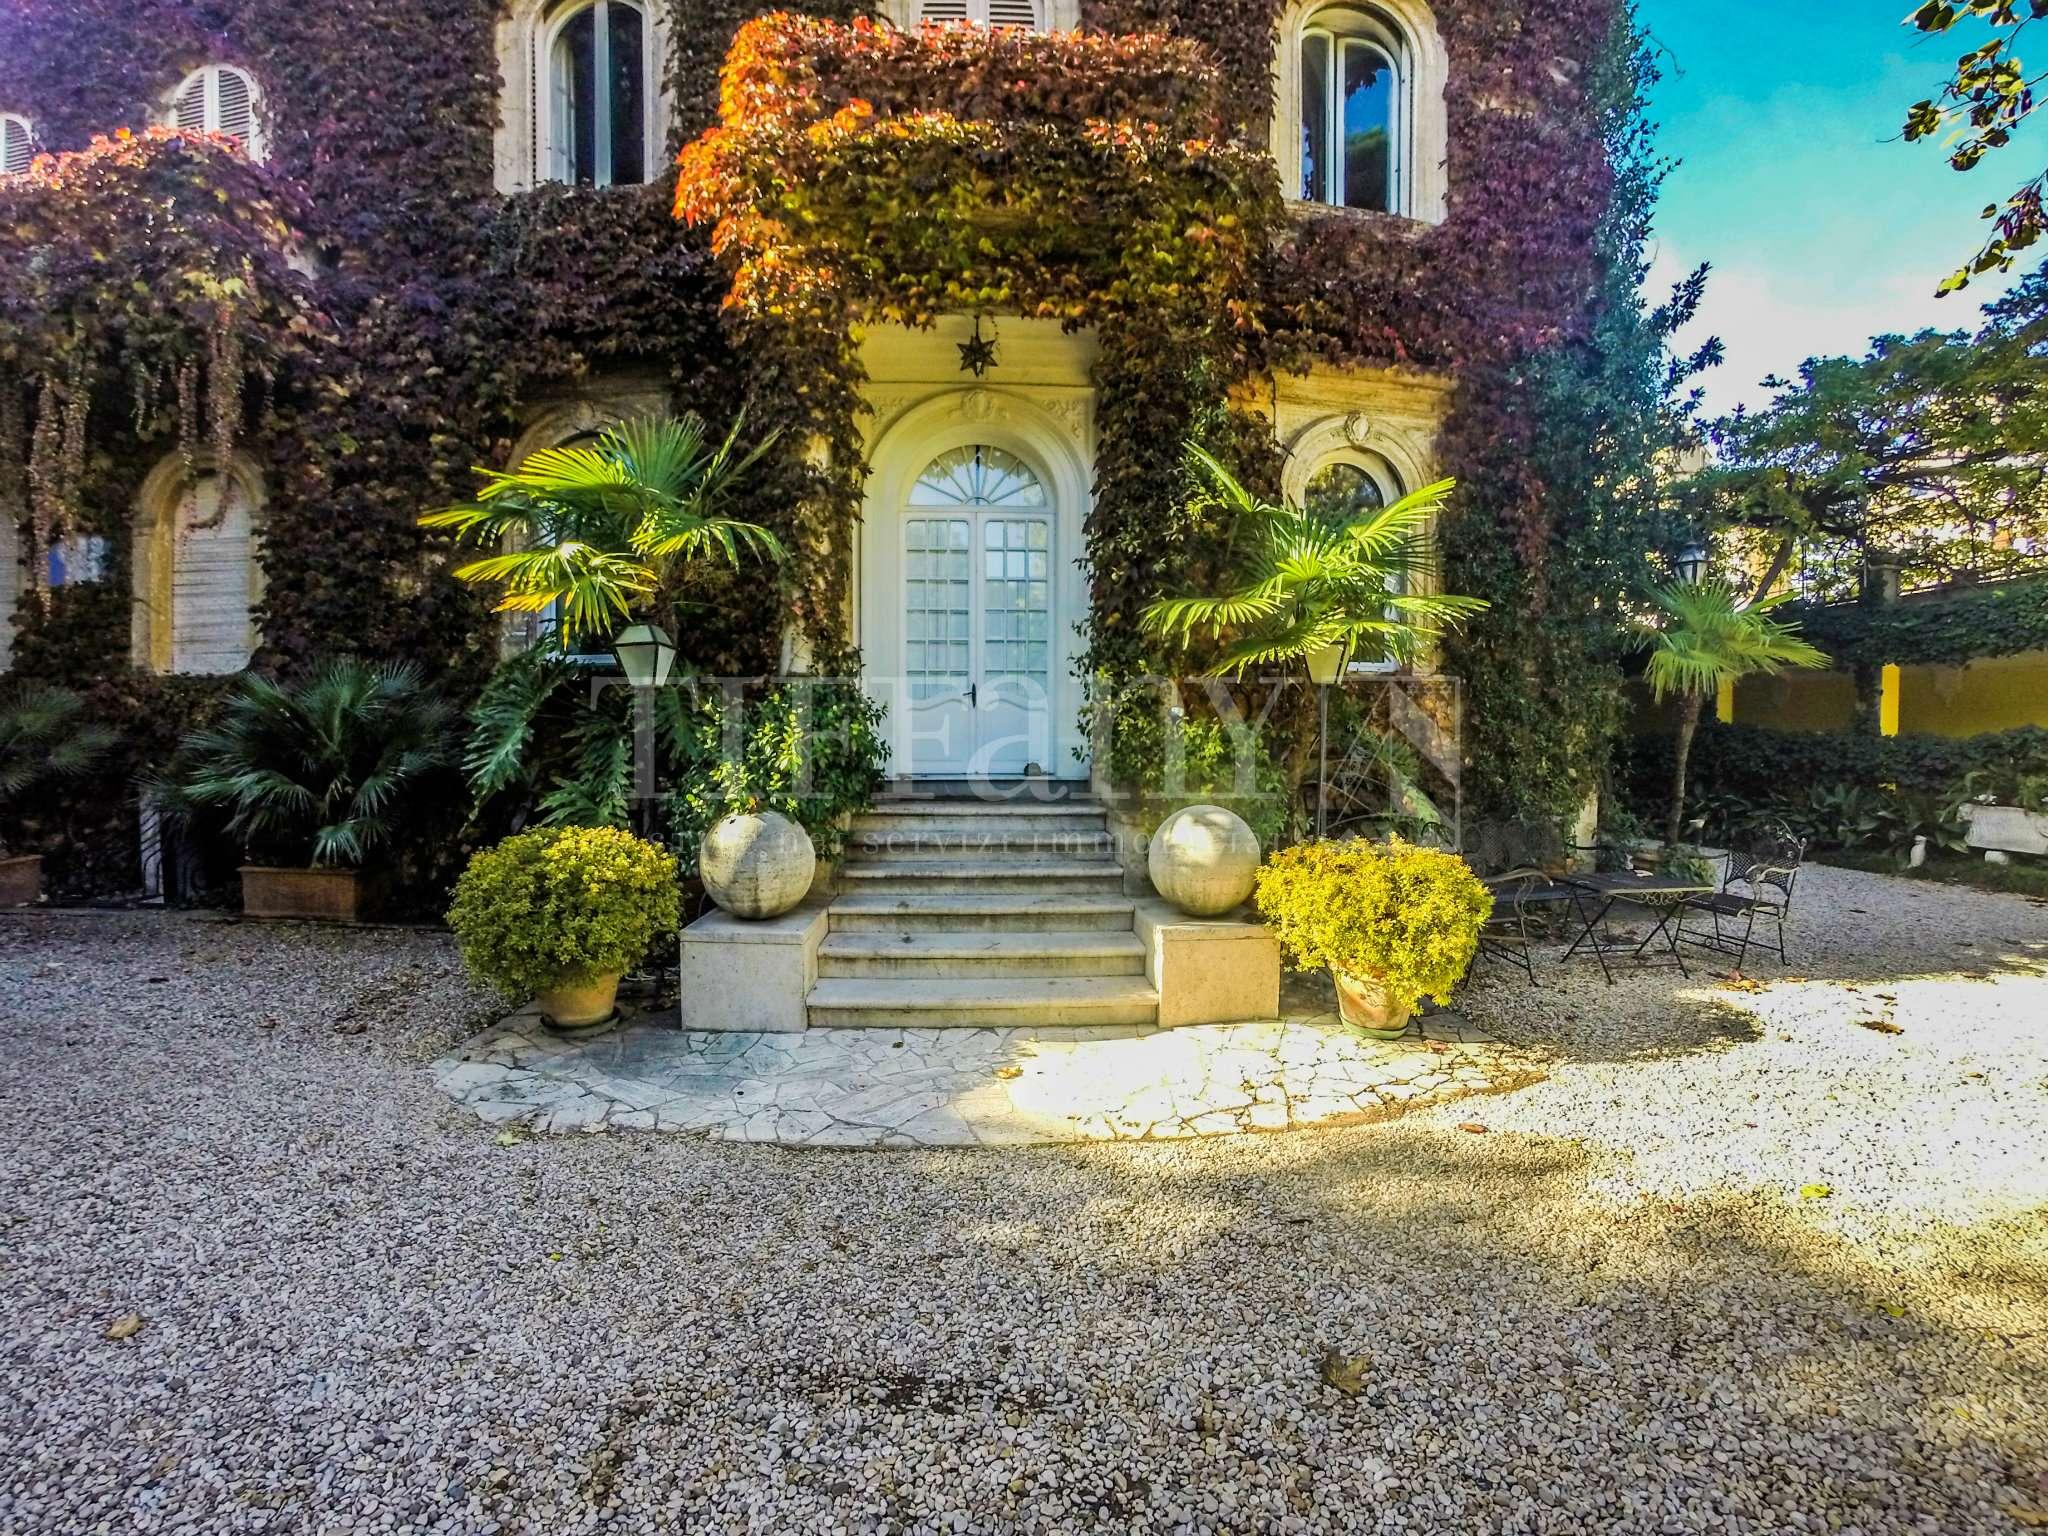 Villa casa in vendita a roma rm centro storico ville for Case in vendita roma centro